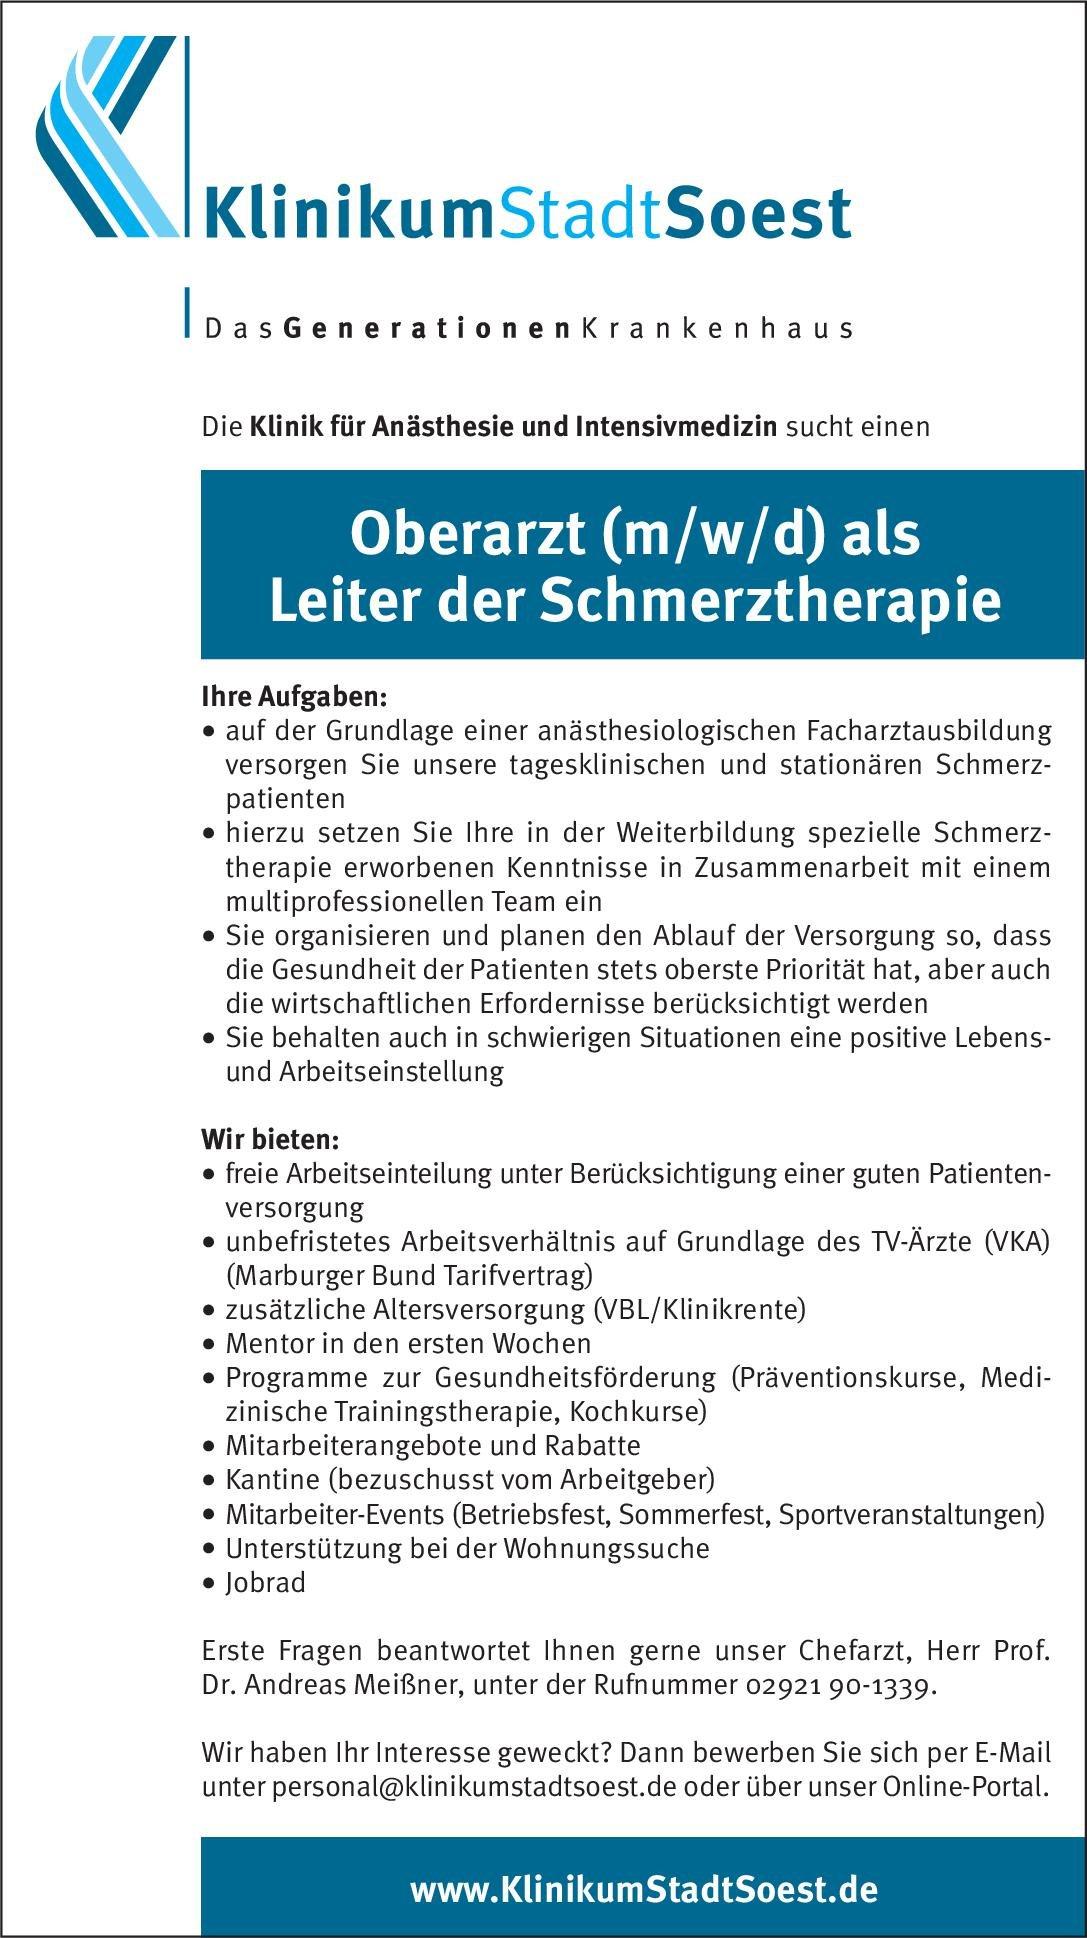 Klinikum Stadt Soest Oberarzt (m/w/d) als Leiter der Schmerztherapie Anästhesiologie / Intensivmedizin Ärztl. Leiter, Oberarzt